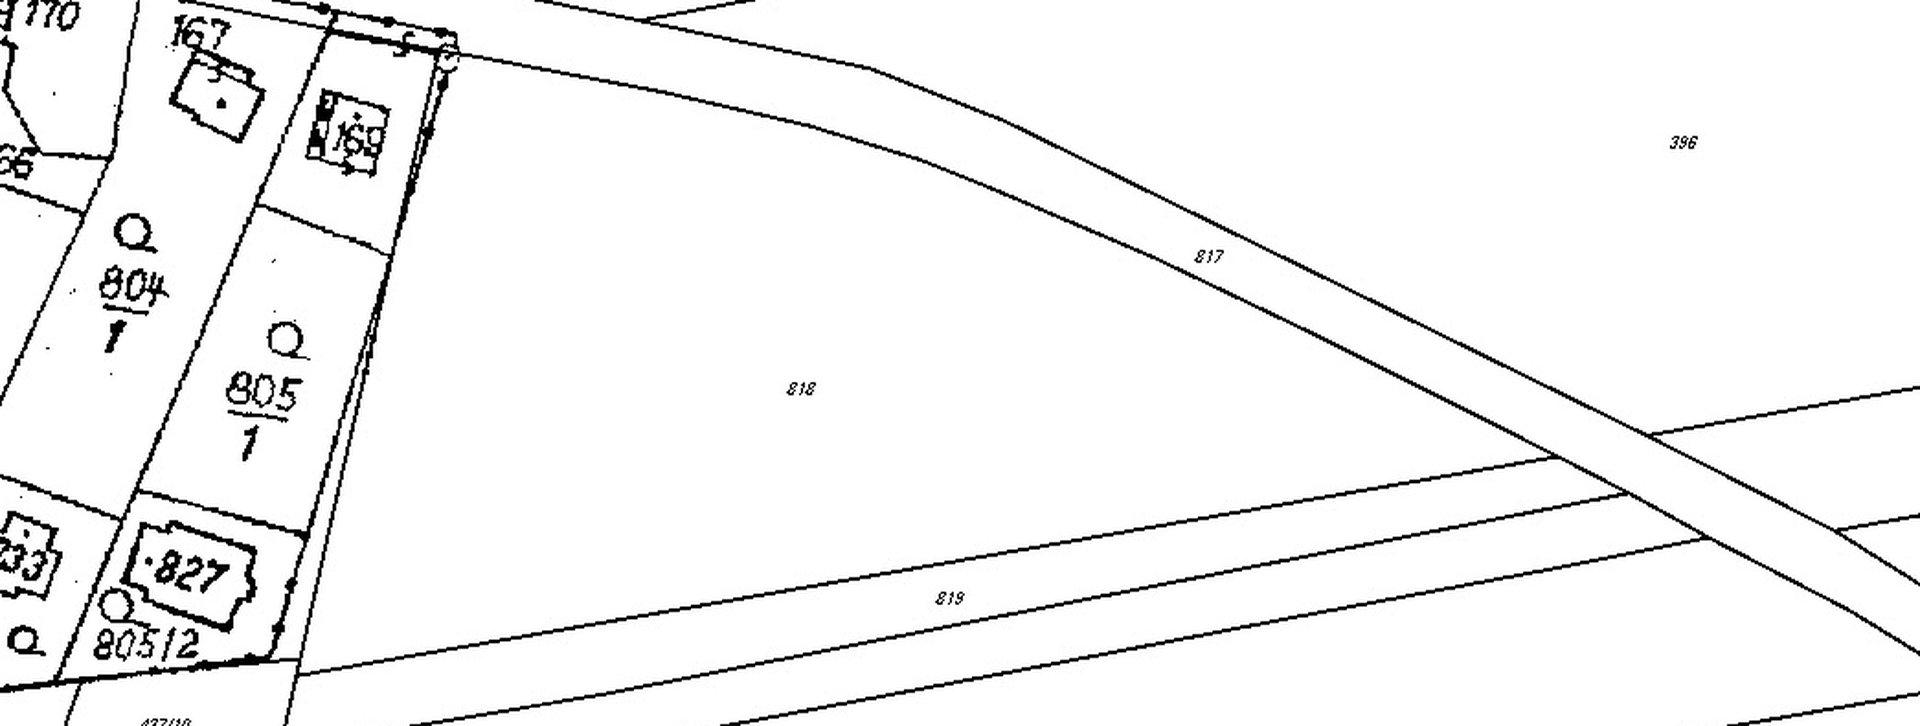 a123d040-52b9-49ea-b009-e16f01d91d21